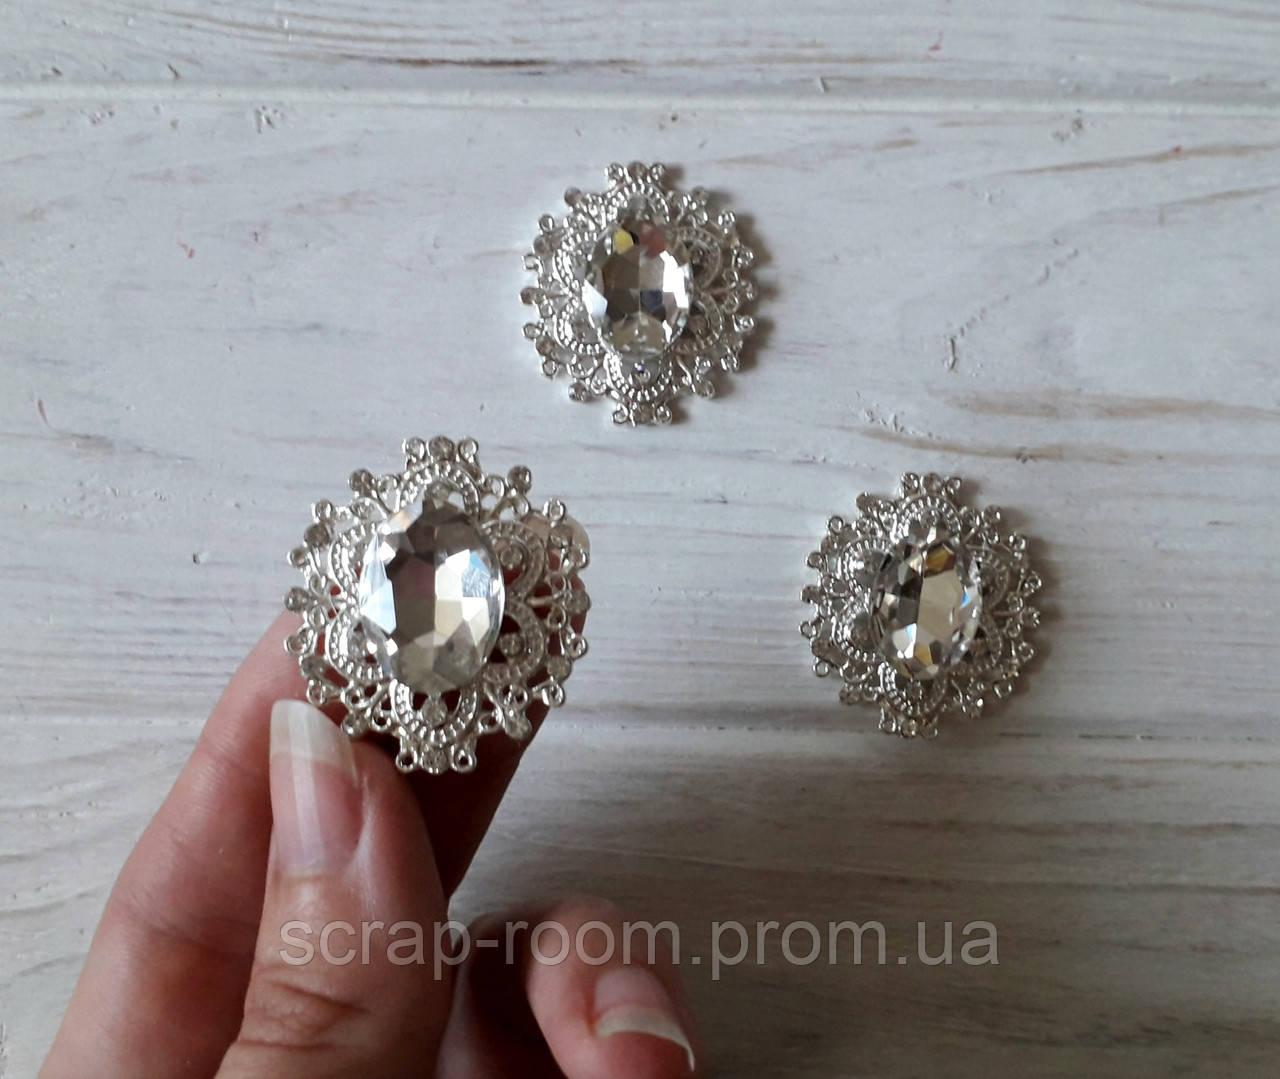 Брошь со стразами, брошь с прозрачным камнем, брошь с камнем, брошь свадебная, размер 28*32 мм, цена за шт